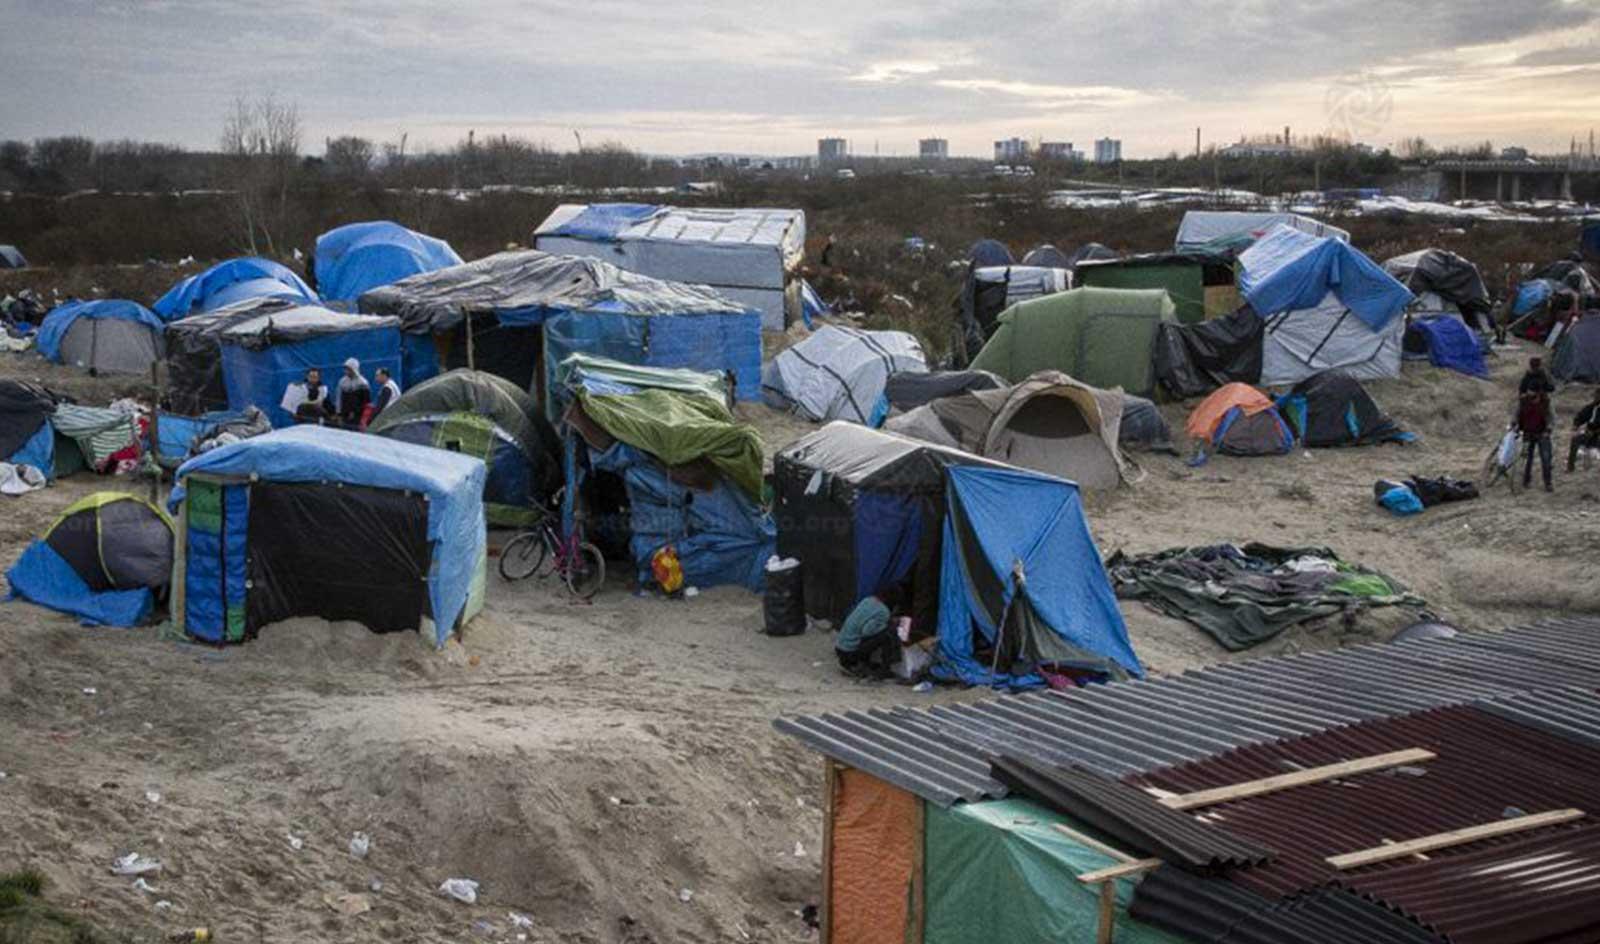 I després del desmantellament de Calais, què passarà amb aquestes persones?